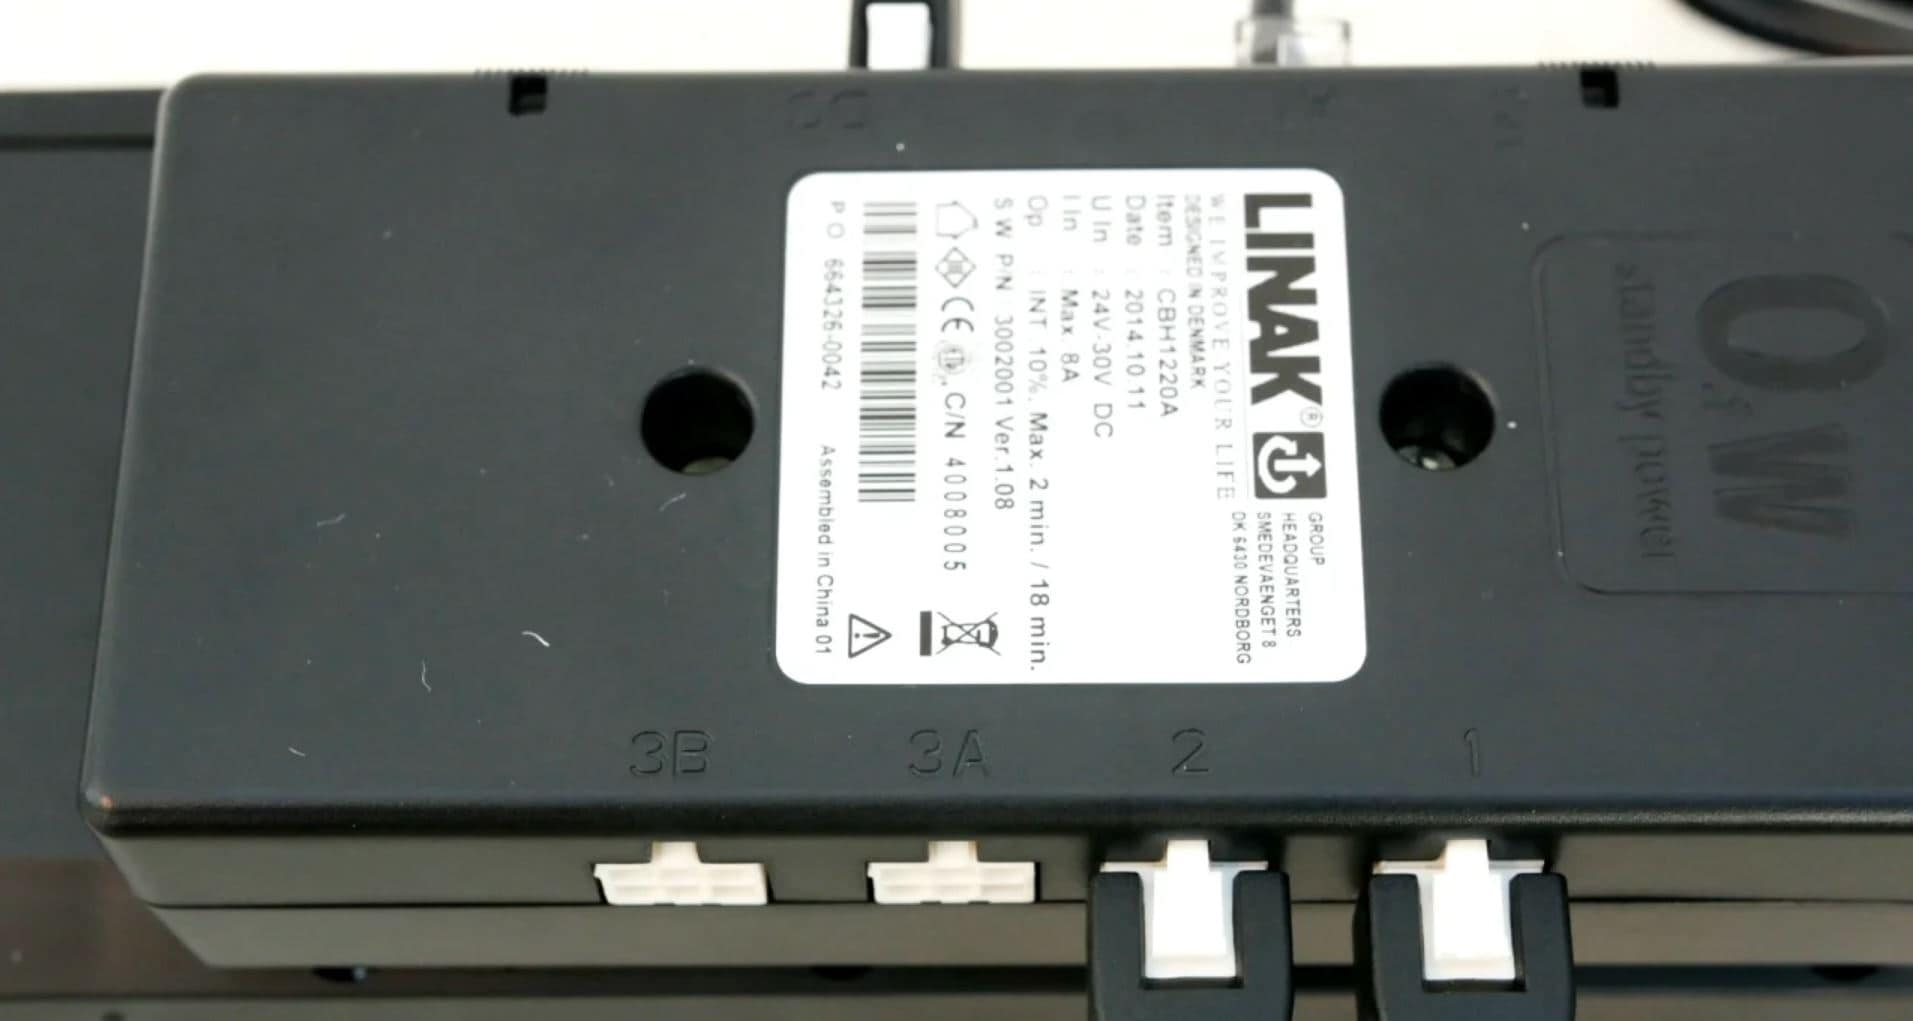 액추에이터 TD4와 컨트롤 박스 CBH를 결합하여 조절 기능 구성하기